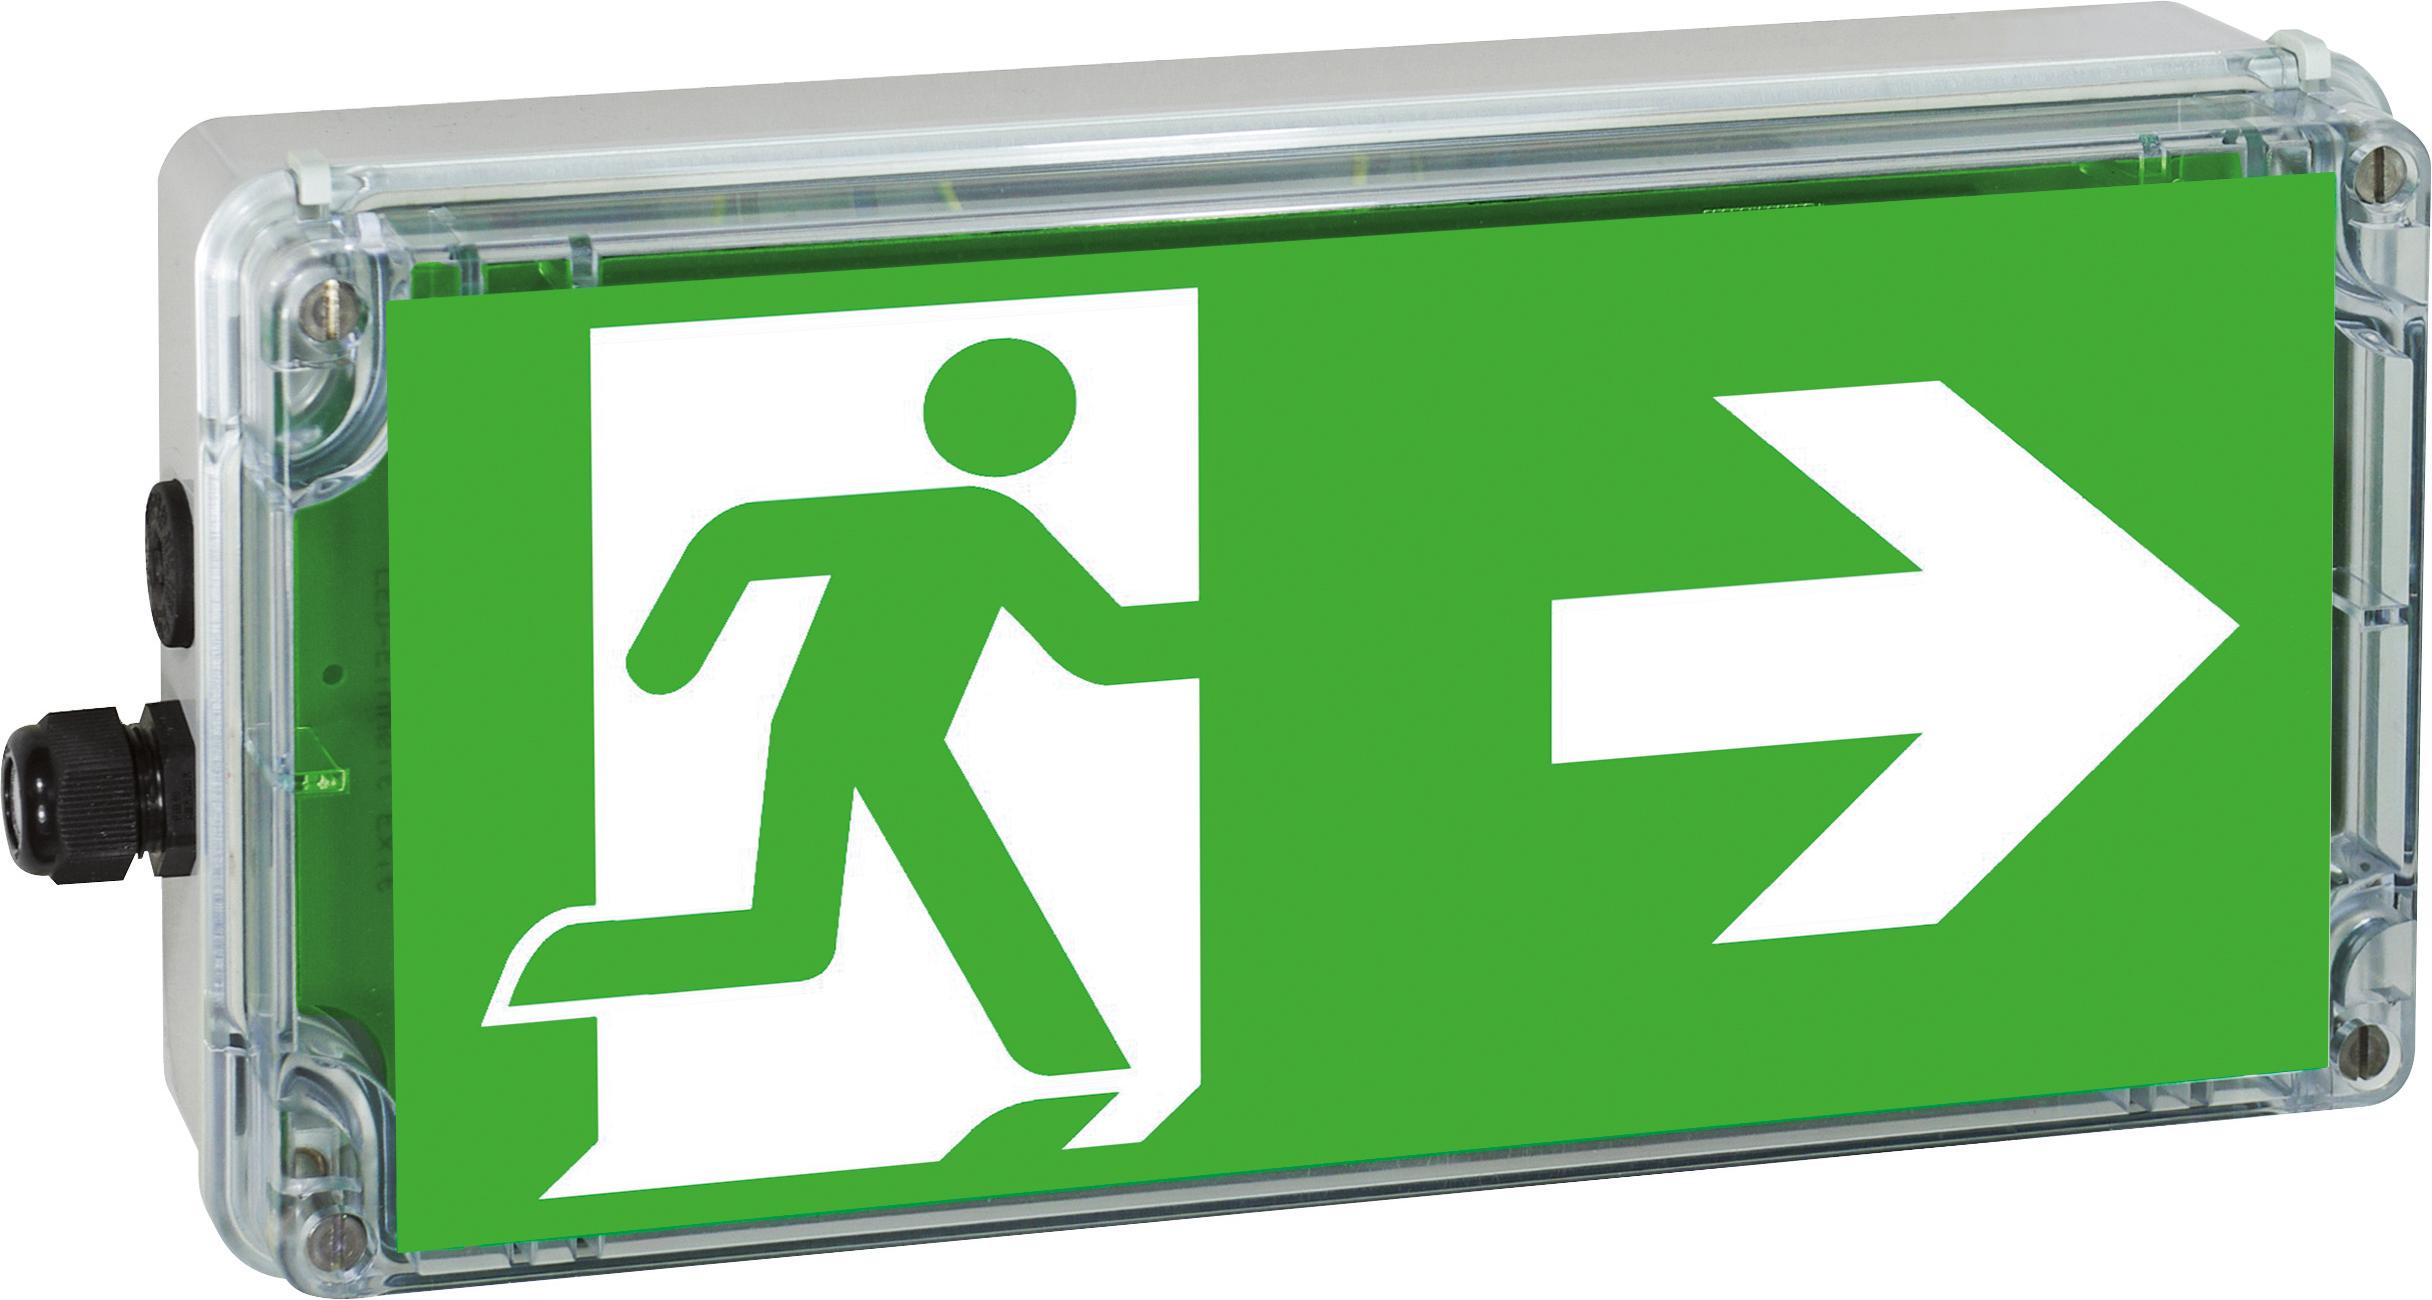 Ex-Notleuchte EXIT 2 Zone 2/22 LED 230 VAC/DC, Pfeil rechts